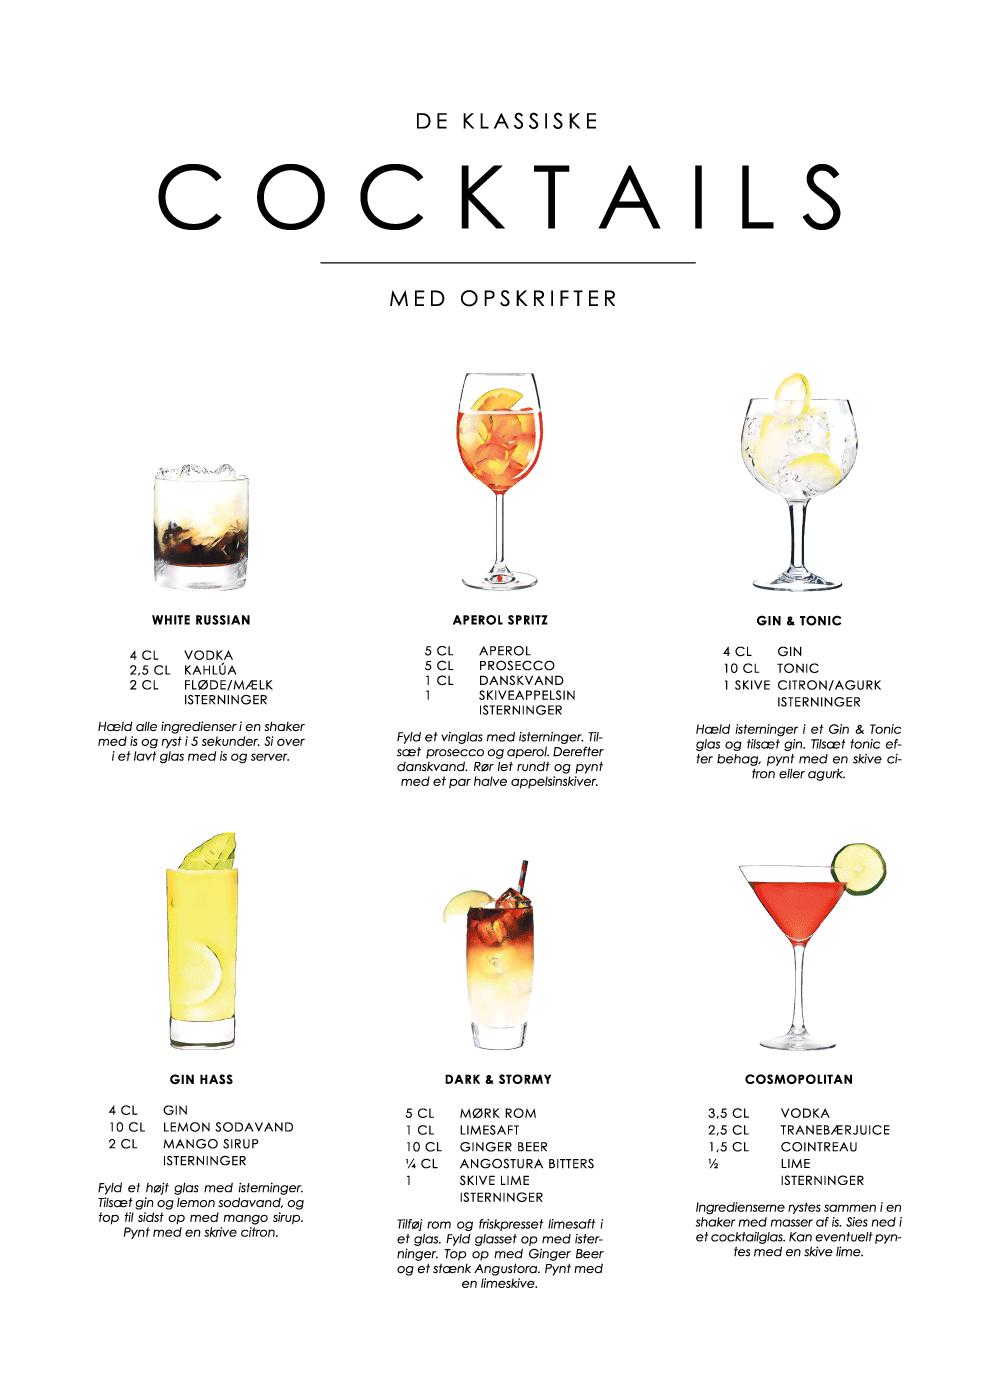 Billede af Cocktails opskrifter plakat - De klassiske nr. 4